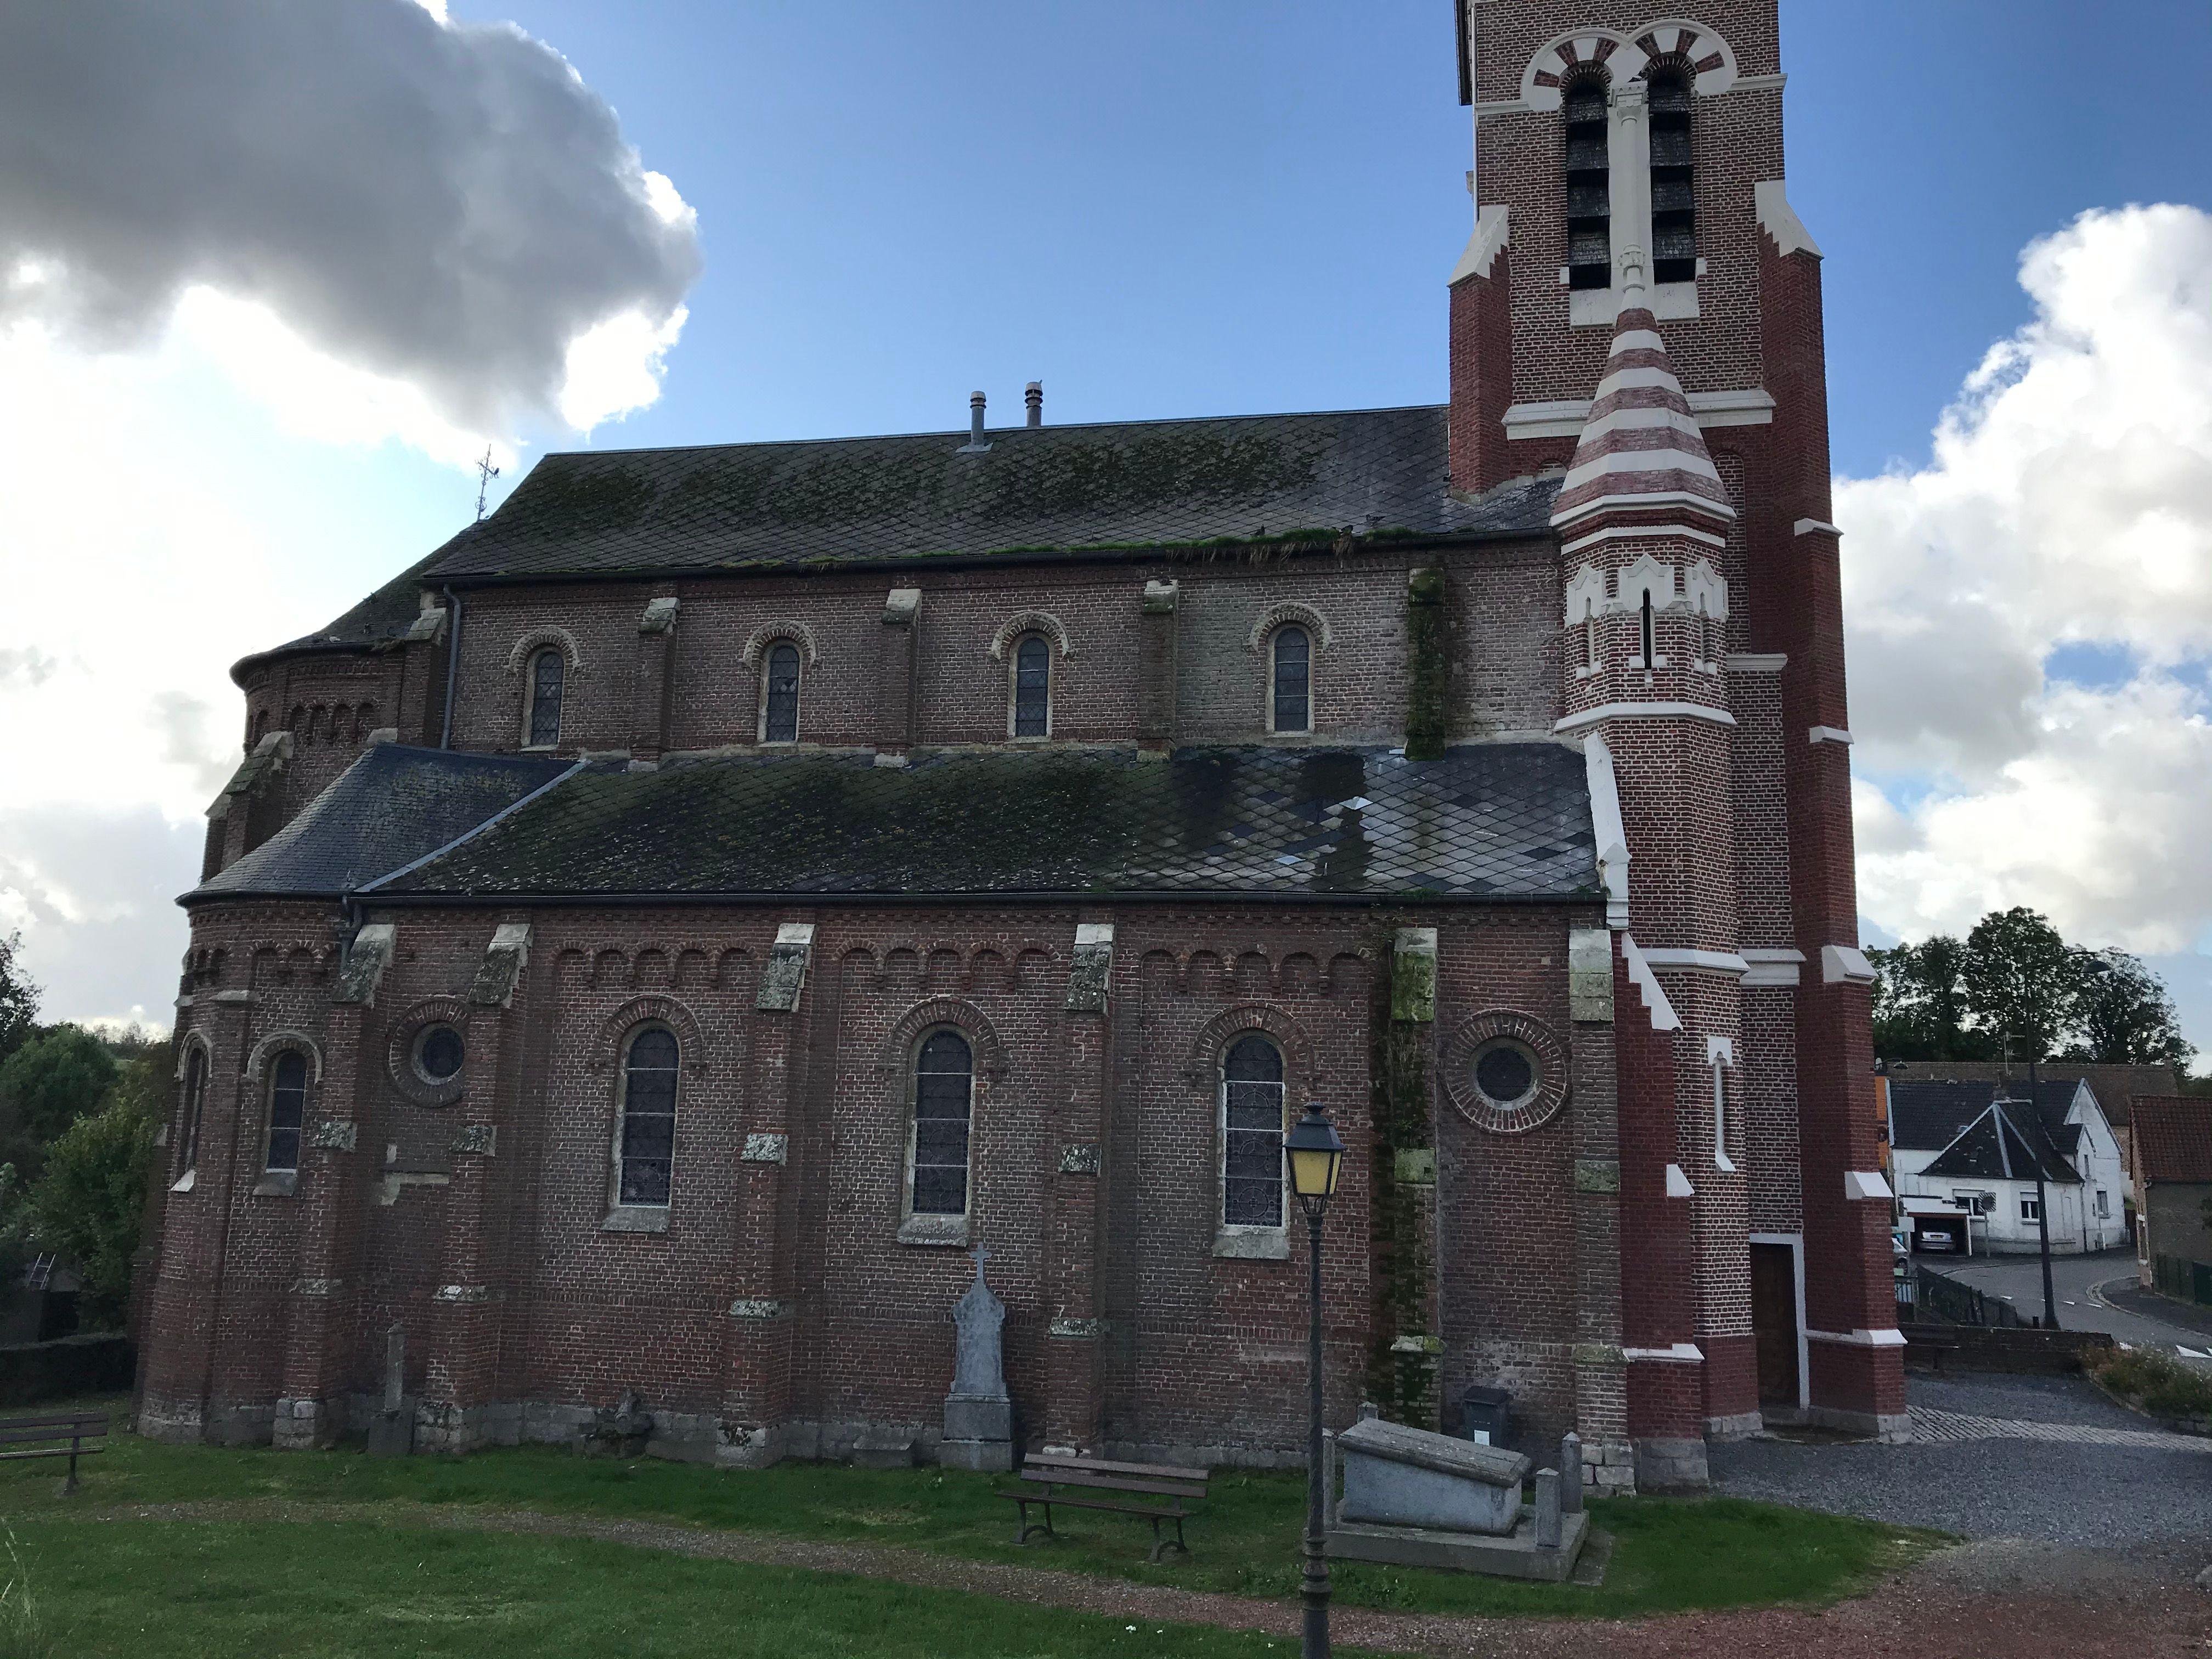 Eglise Saint-Jean-Baptiste de Ghissignies dans le Nord